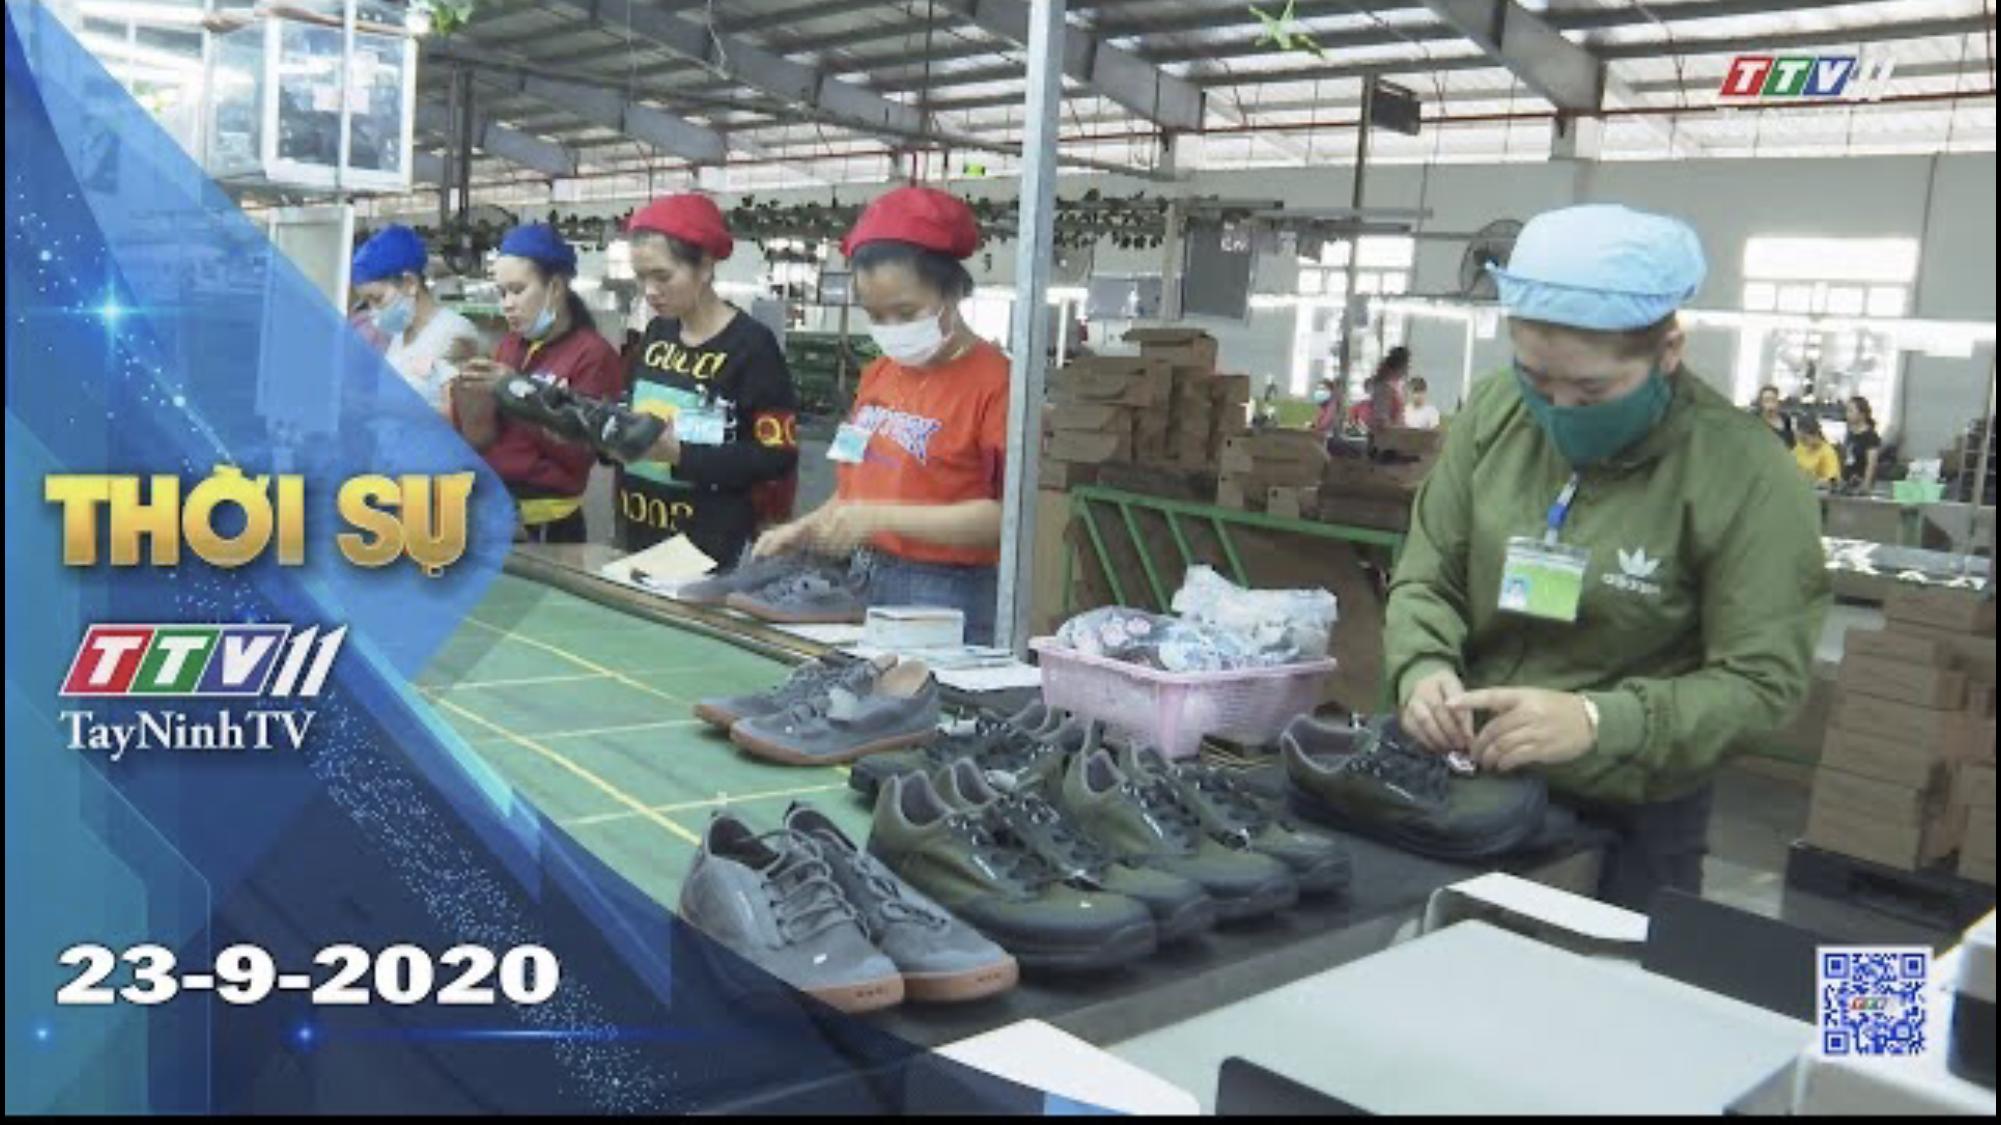 Thời sự Tây Ninh 23-9-2020 | Tin tức hôm nay | TayNinhTV